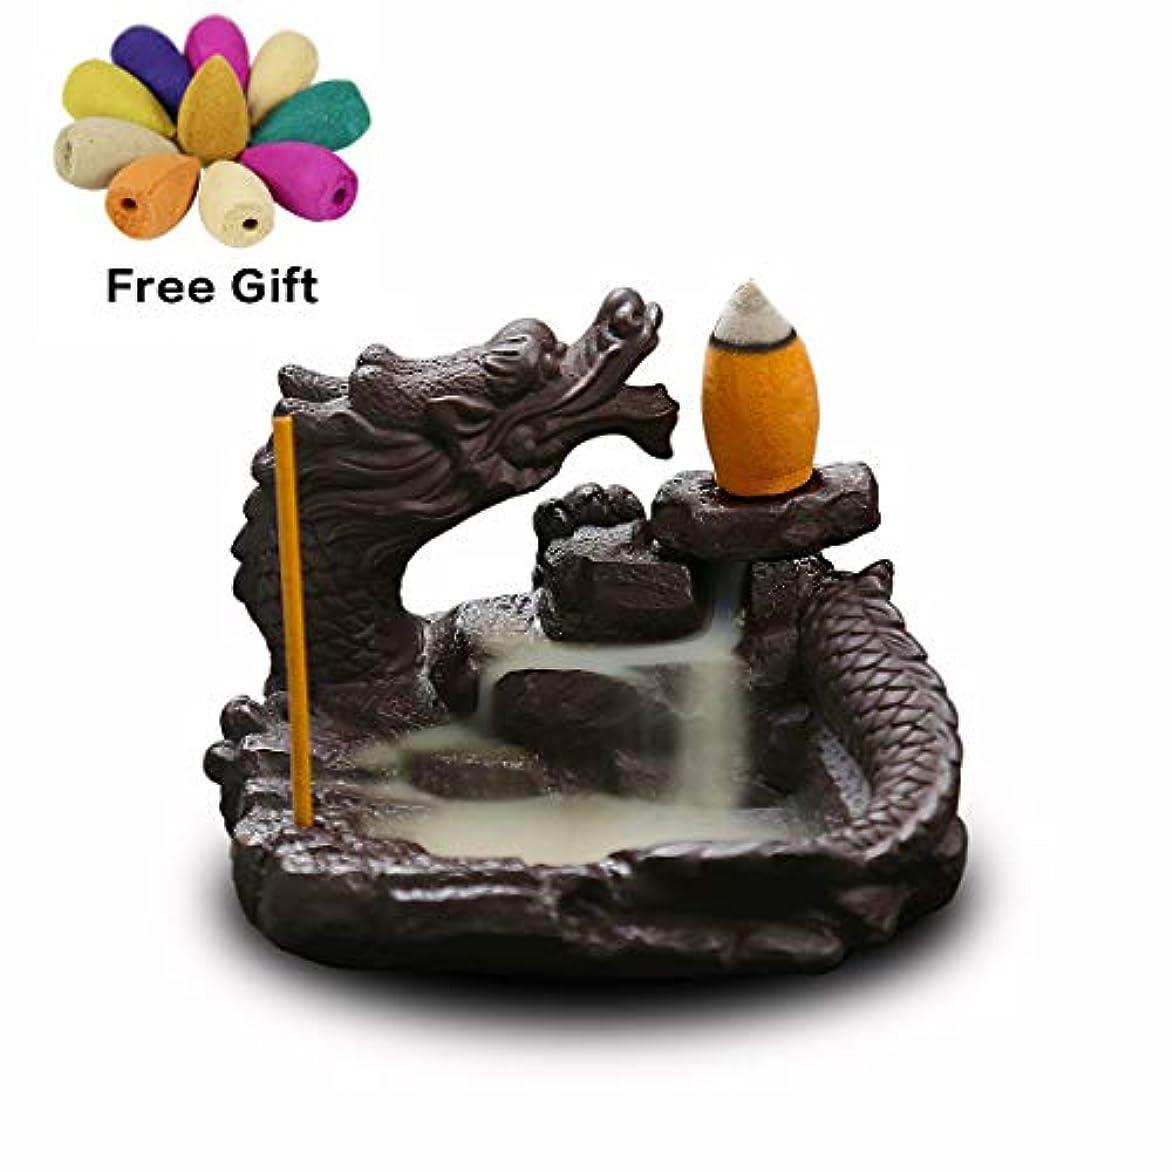 回復免除ナイトスポット(Style6) - OTOFY Mythical Dragon Backflow Incense Holder Figurine Incense Cone Holder Gothic Home Decor